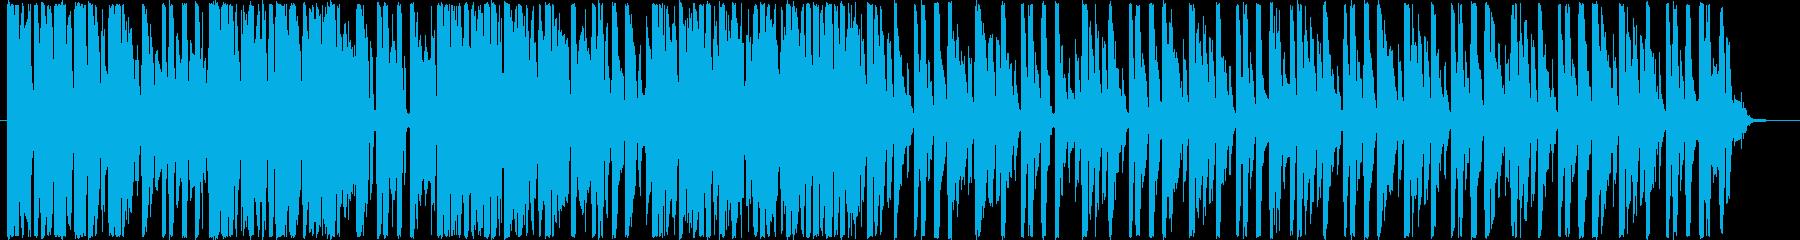 ゆったりしたテンポのループ音源です。の再生済みの波形